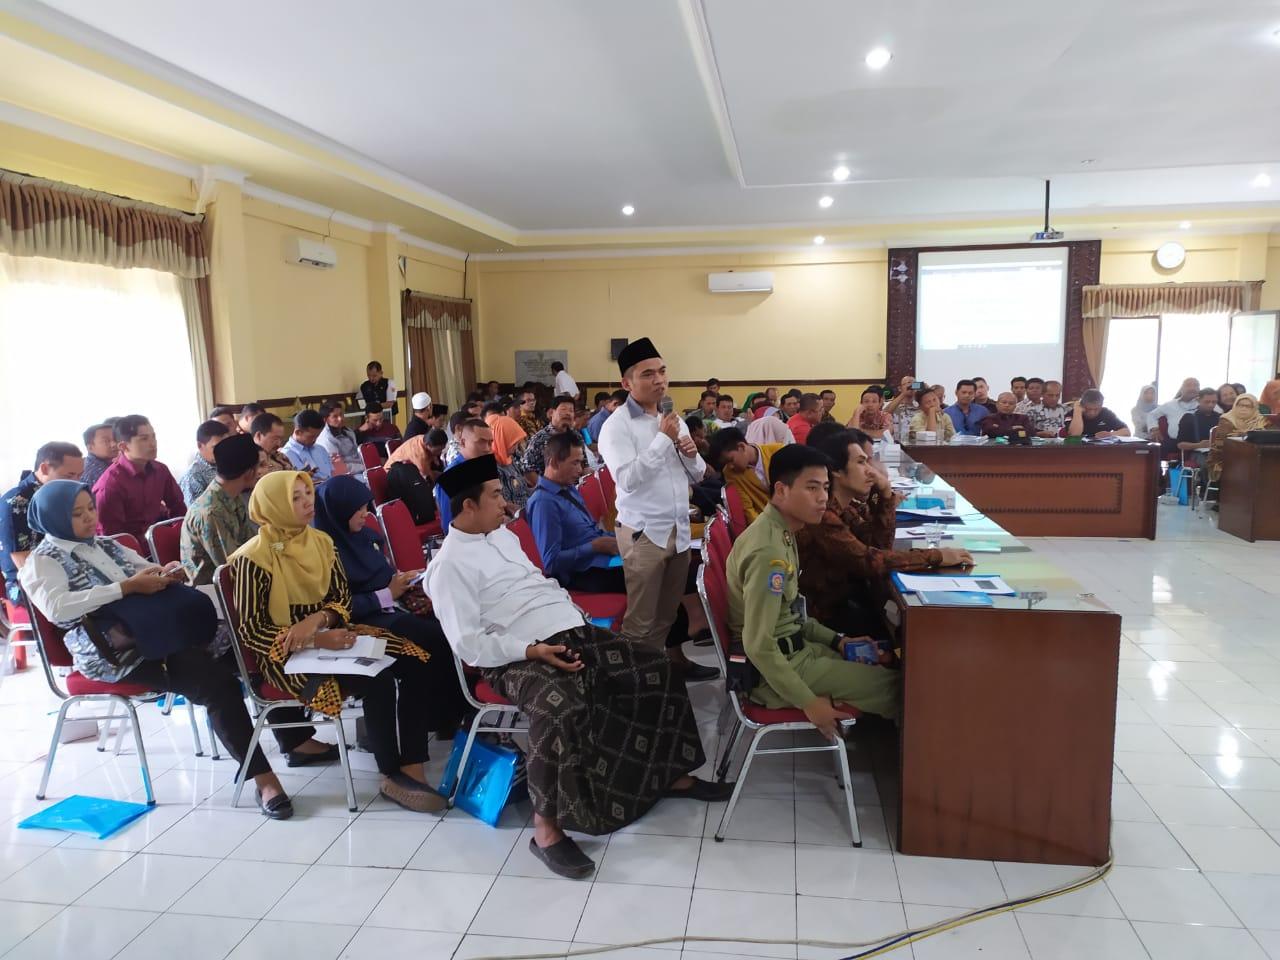 Image Sosialisasi Peraturan Daerah Kabupaten Wonosobo Nomor 7 Tahun 2018 Tentang Usaha Pariwisata